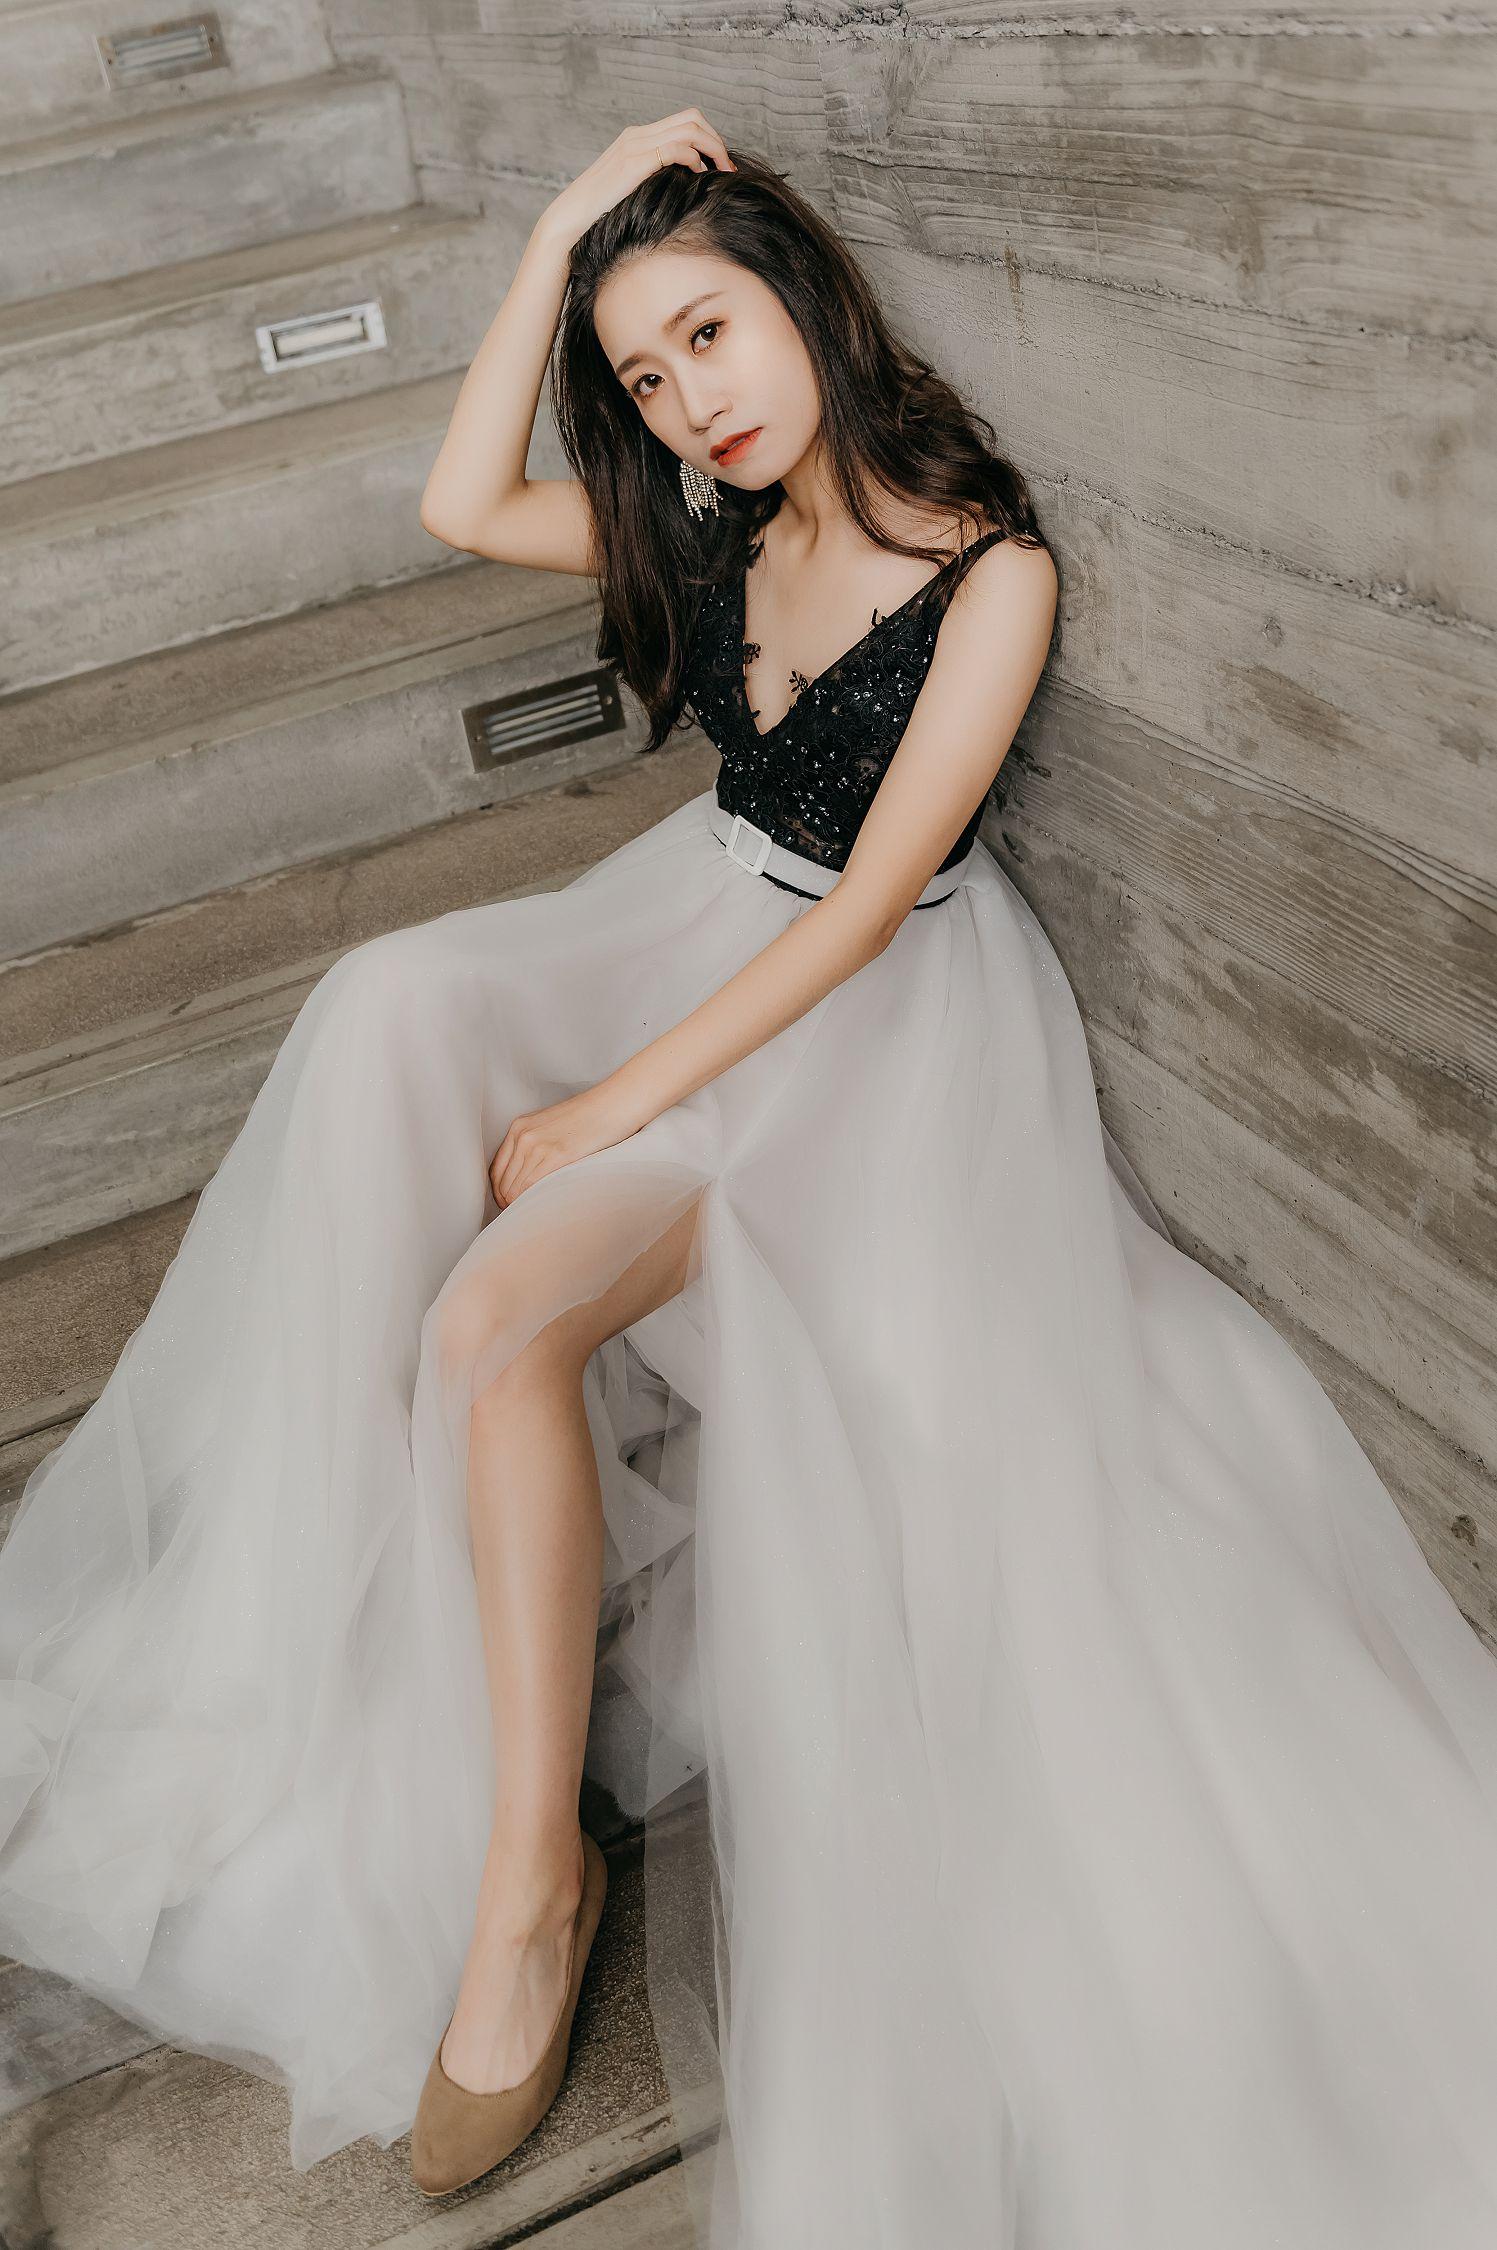 婚紗,自助婚紗,婚紗包套,宜蘭,游阿三,造型師,精修,攝影棚,棚拍,韓風,韓式婚紗,羅東文化工廠,自宅婚紗,老厝,古厝,